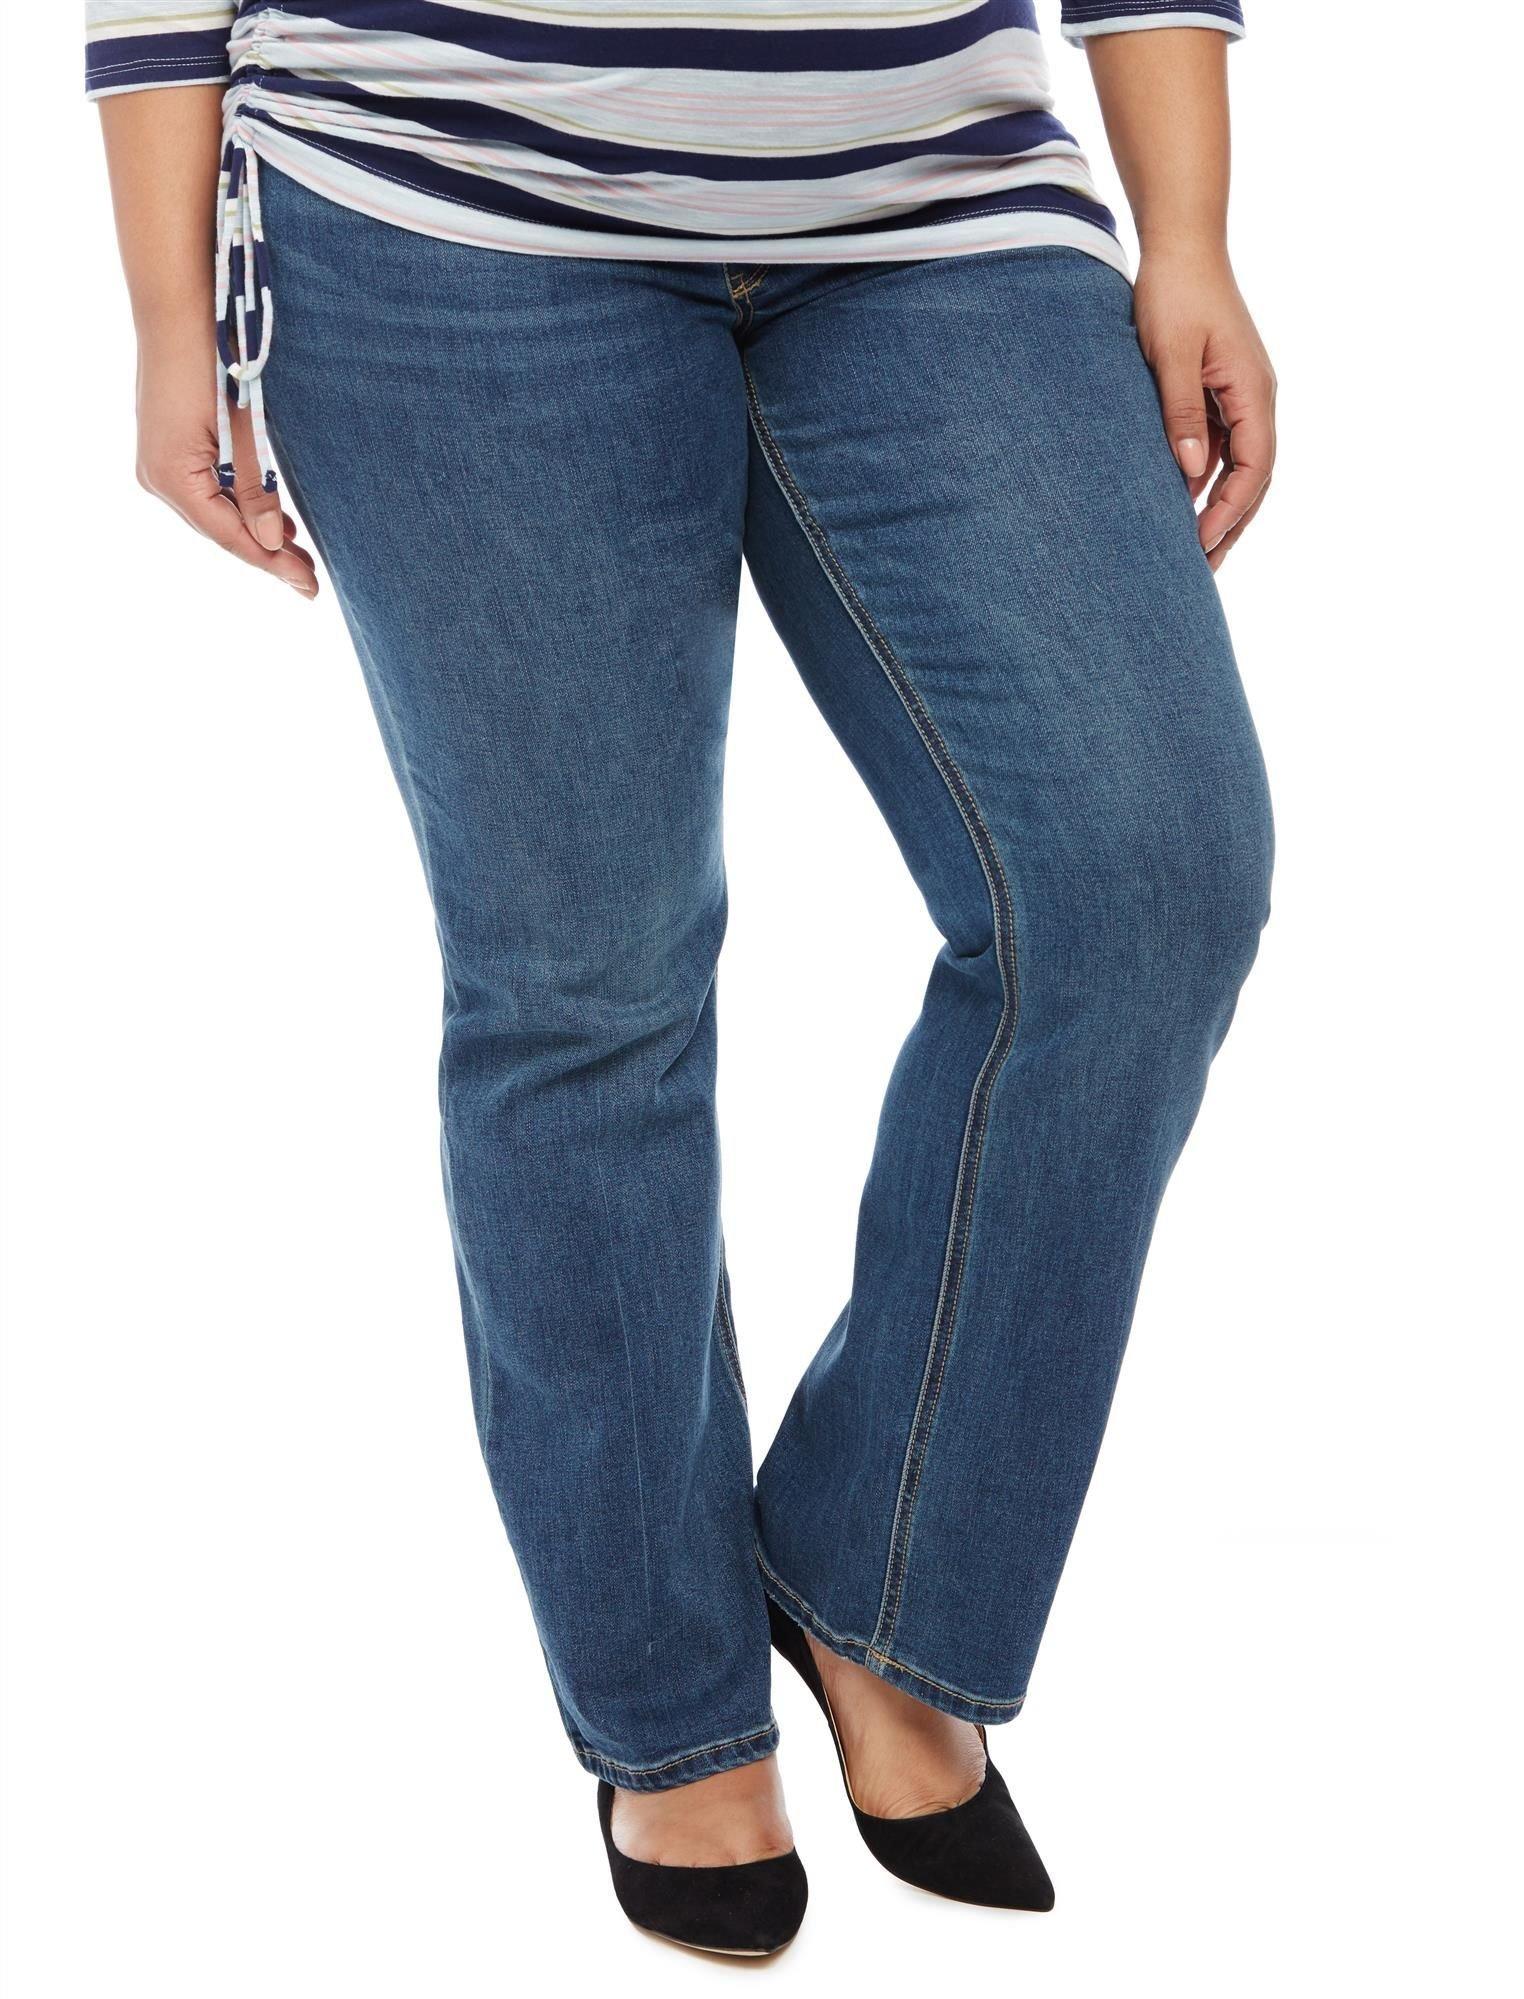 Jessica Simpson Plus Size Secret Fit Belly Boot Cut Maternity Jeans